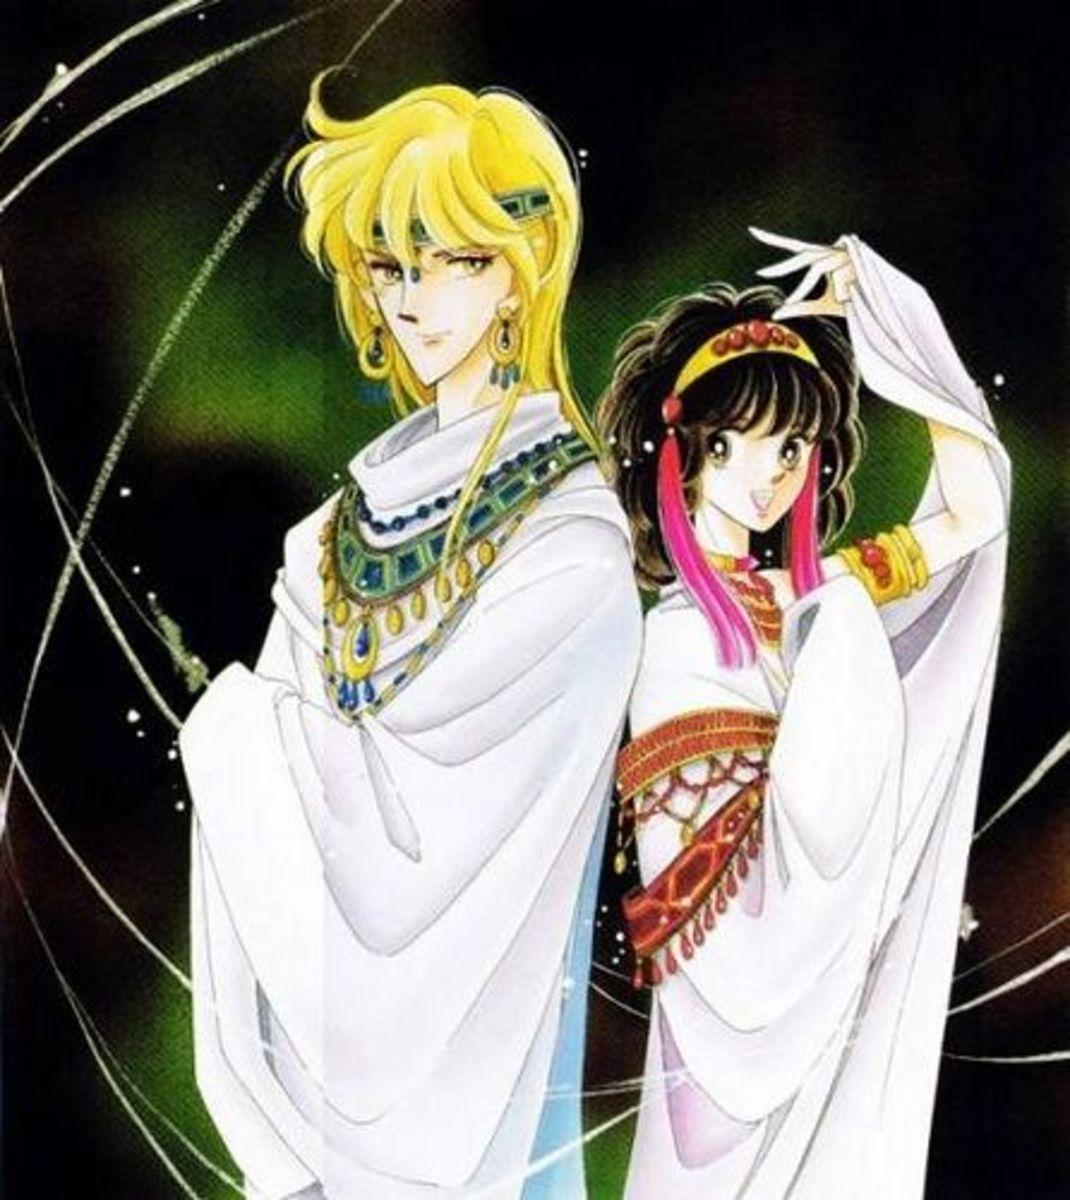 Yuri and Kail